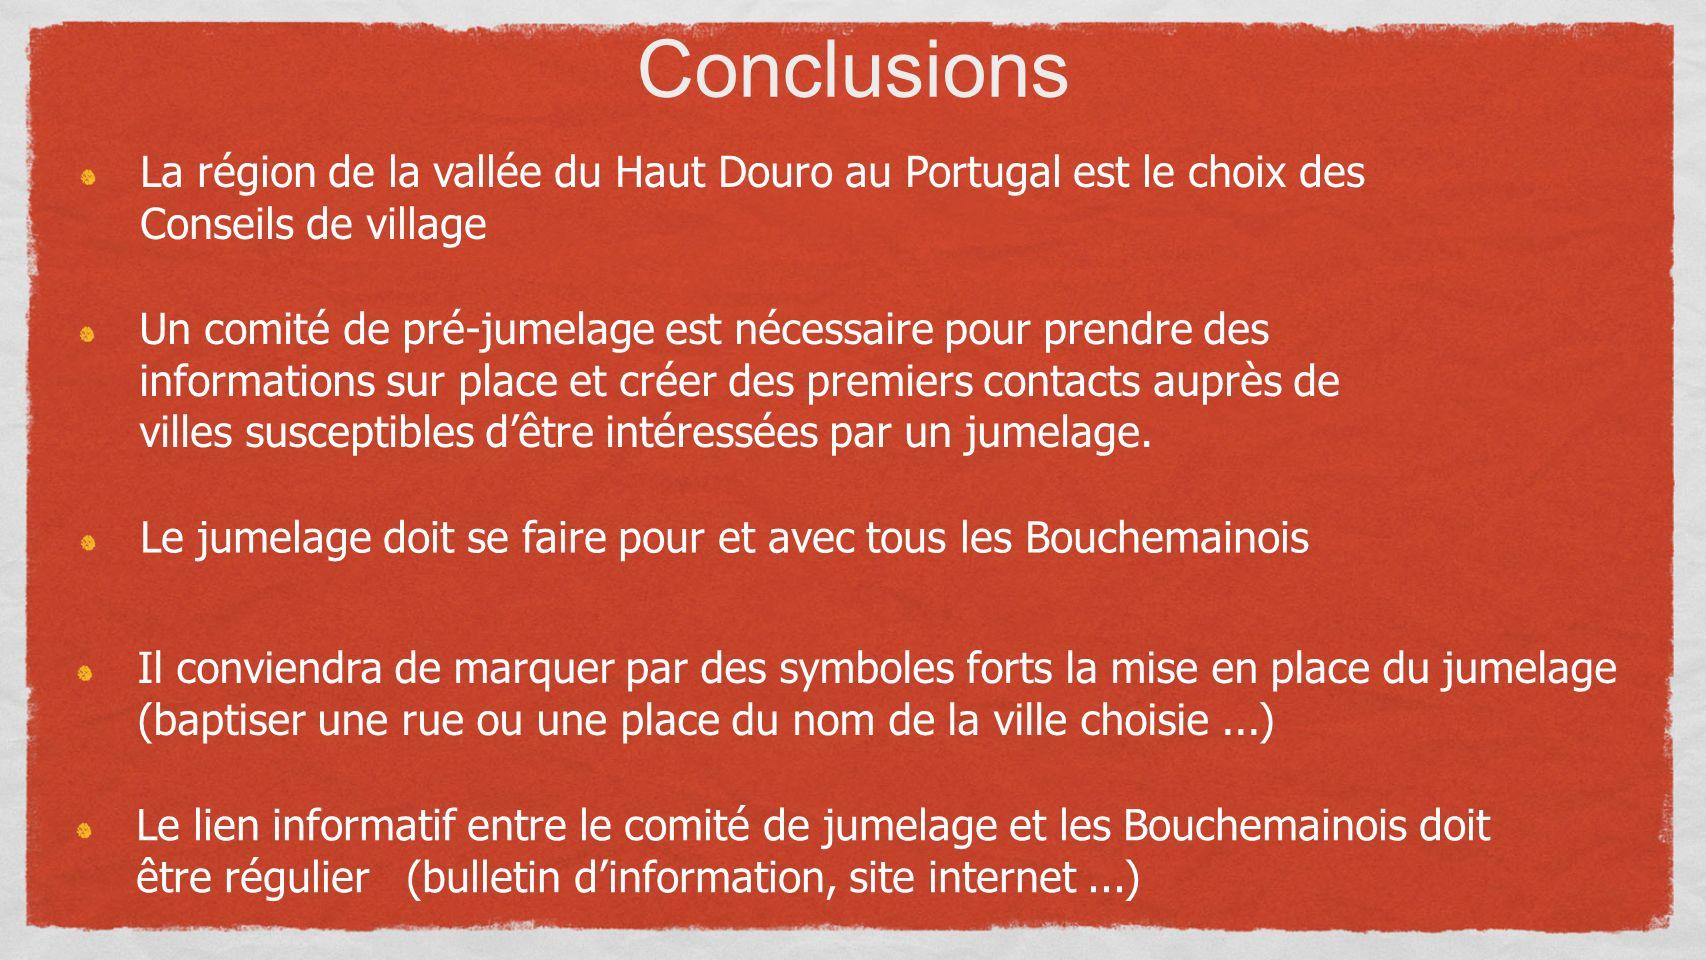 Conclusions La région de la vallée du Haut Douro au Portugal est le choix des Conseils de village Un comité de pré-jumelage est nécessaire pour prendre des informations sur place et créer des premiers contacts auprès de villes susceptibles dêtre intéressées par un jumelage.